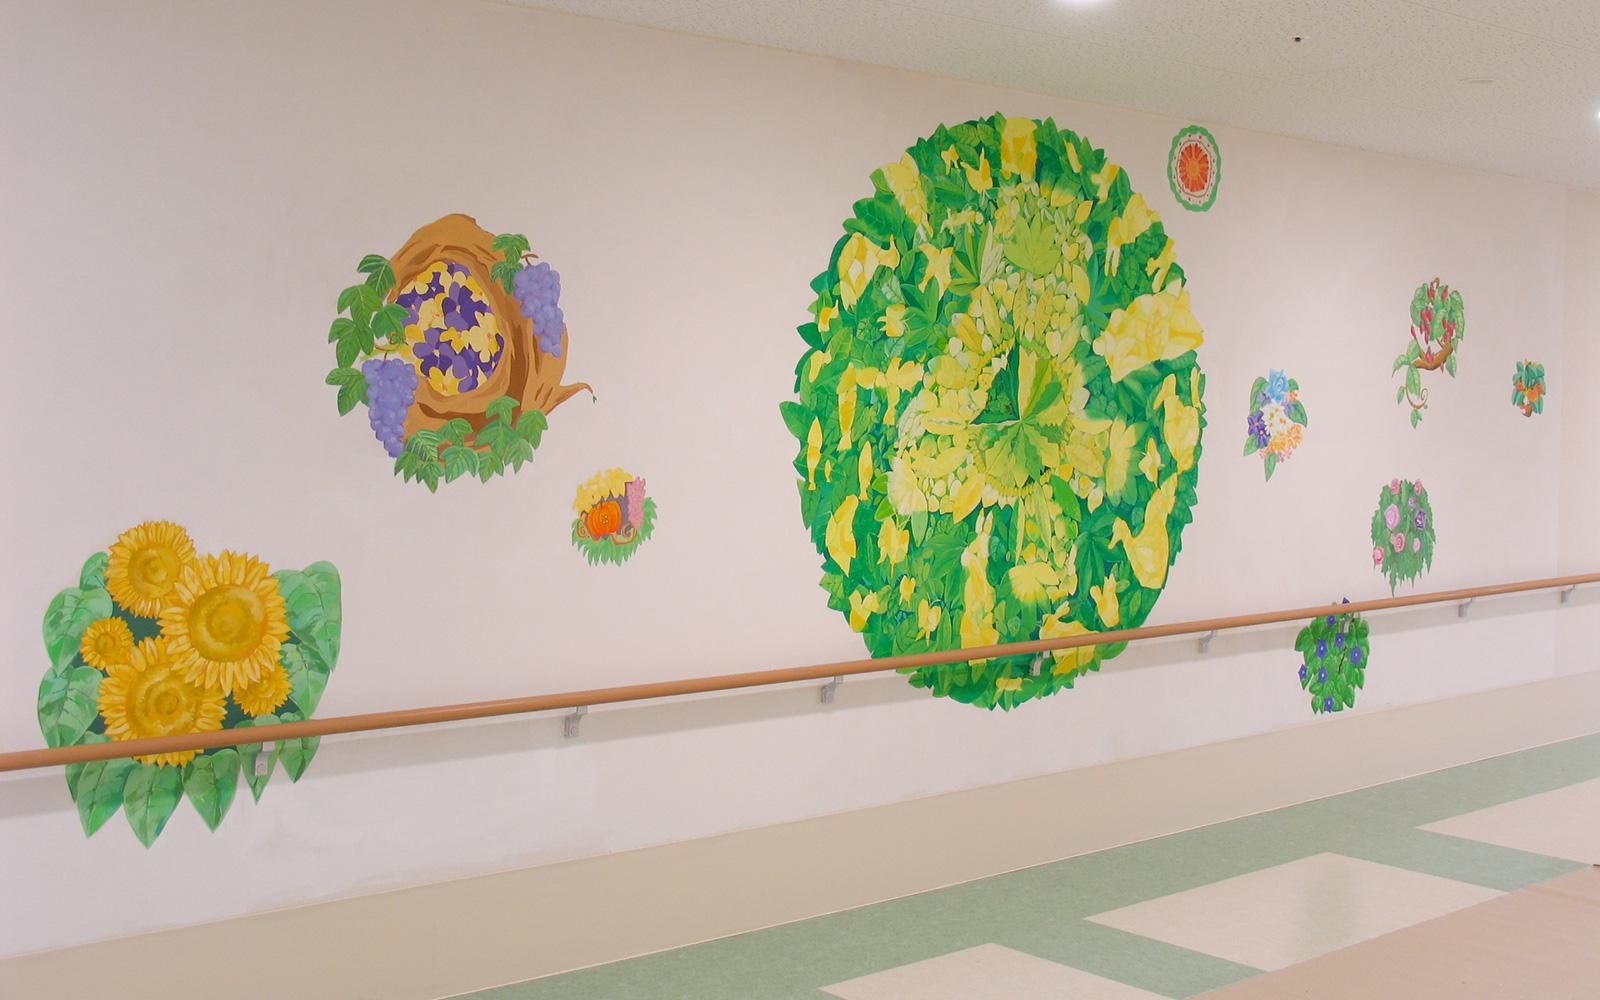 ホスピタルアート 府中病院 壁画とサイン